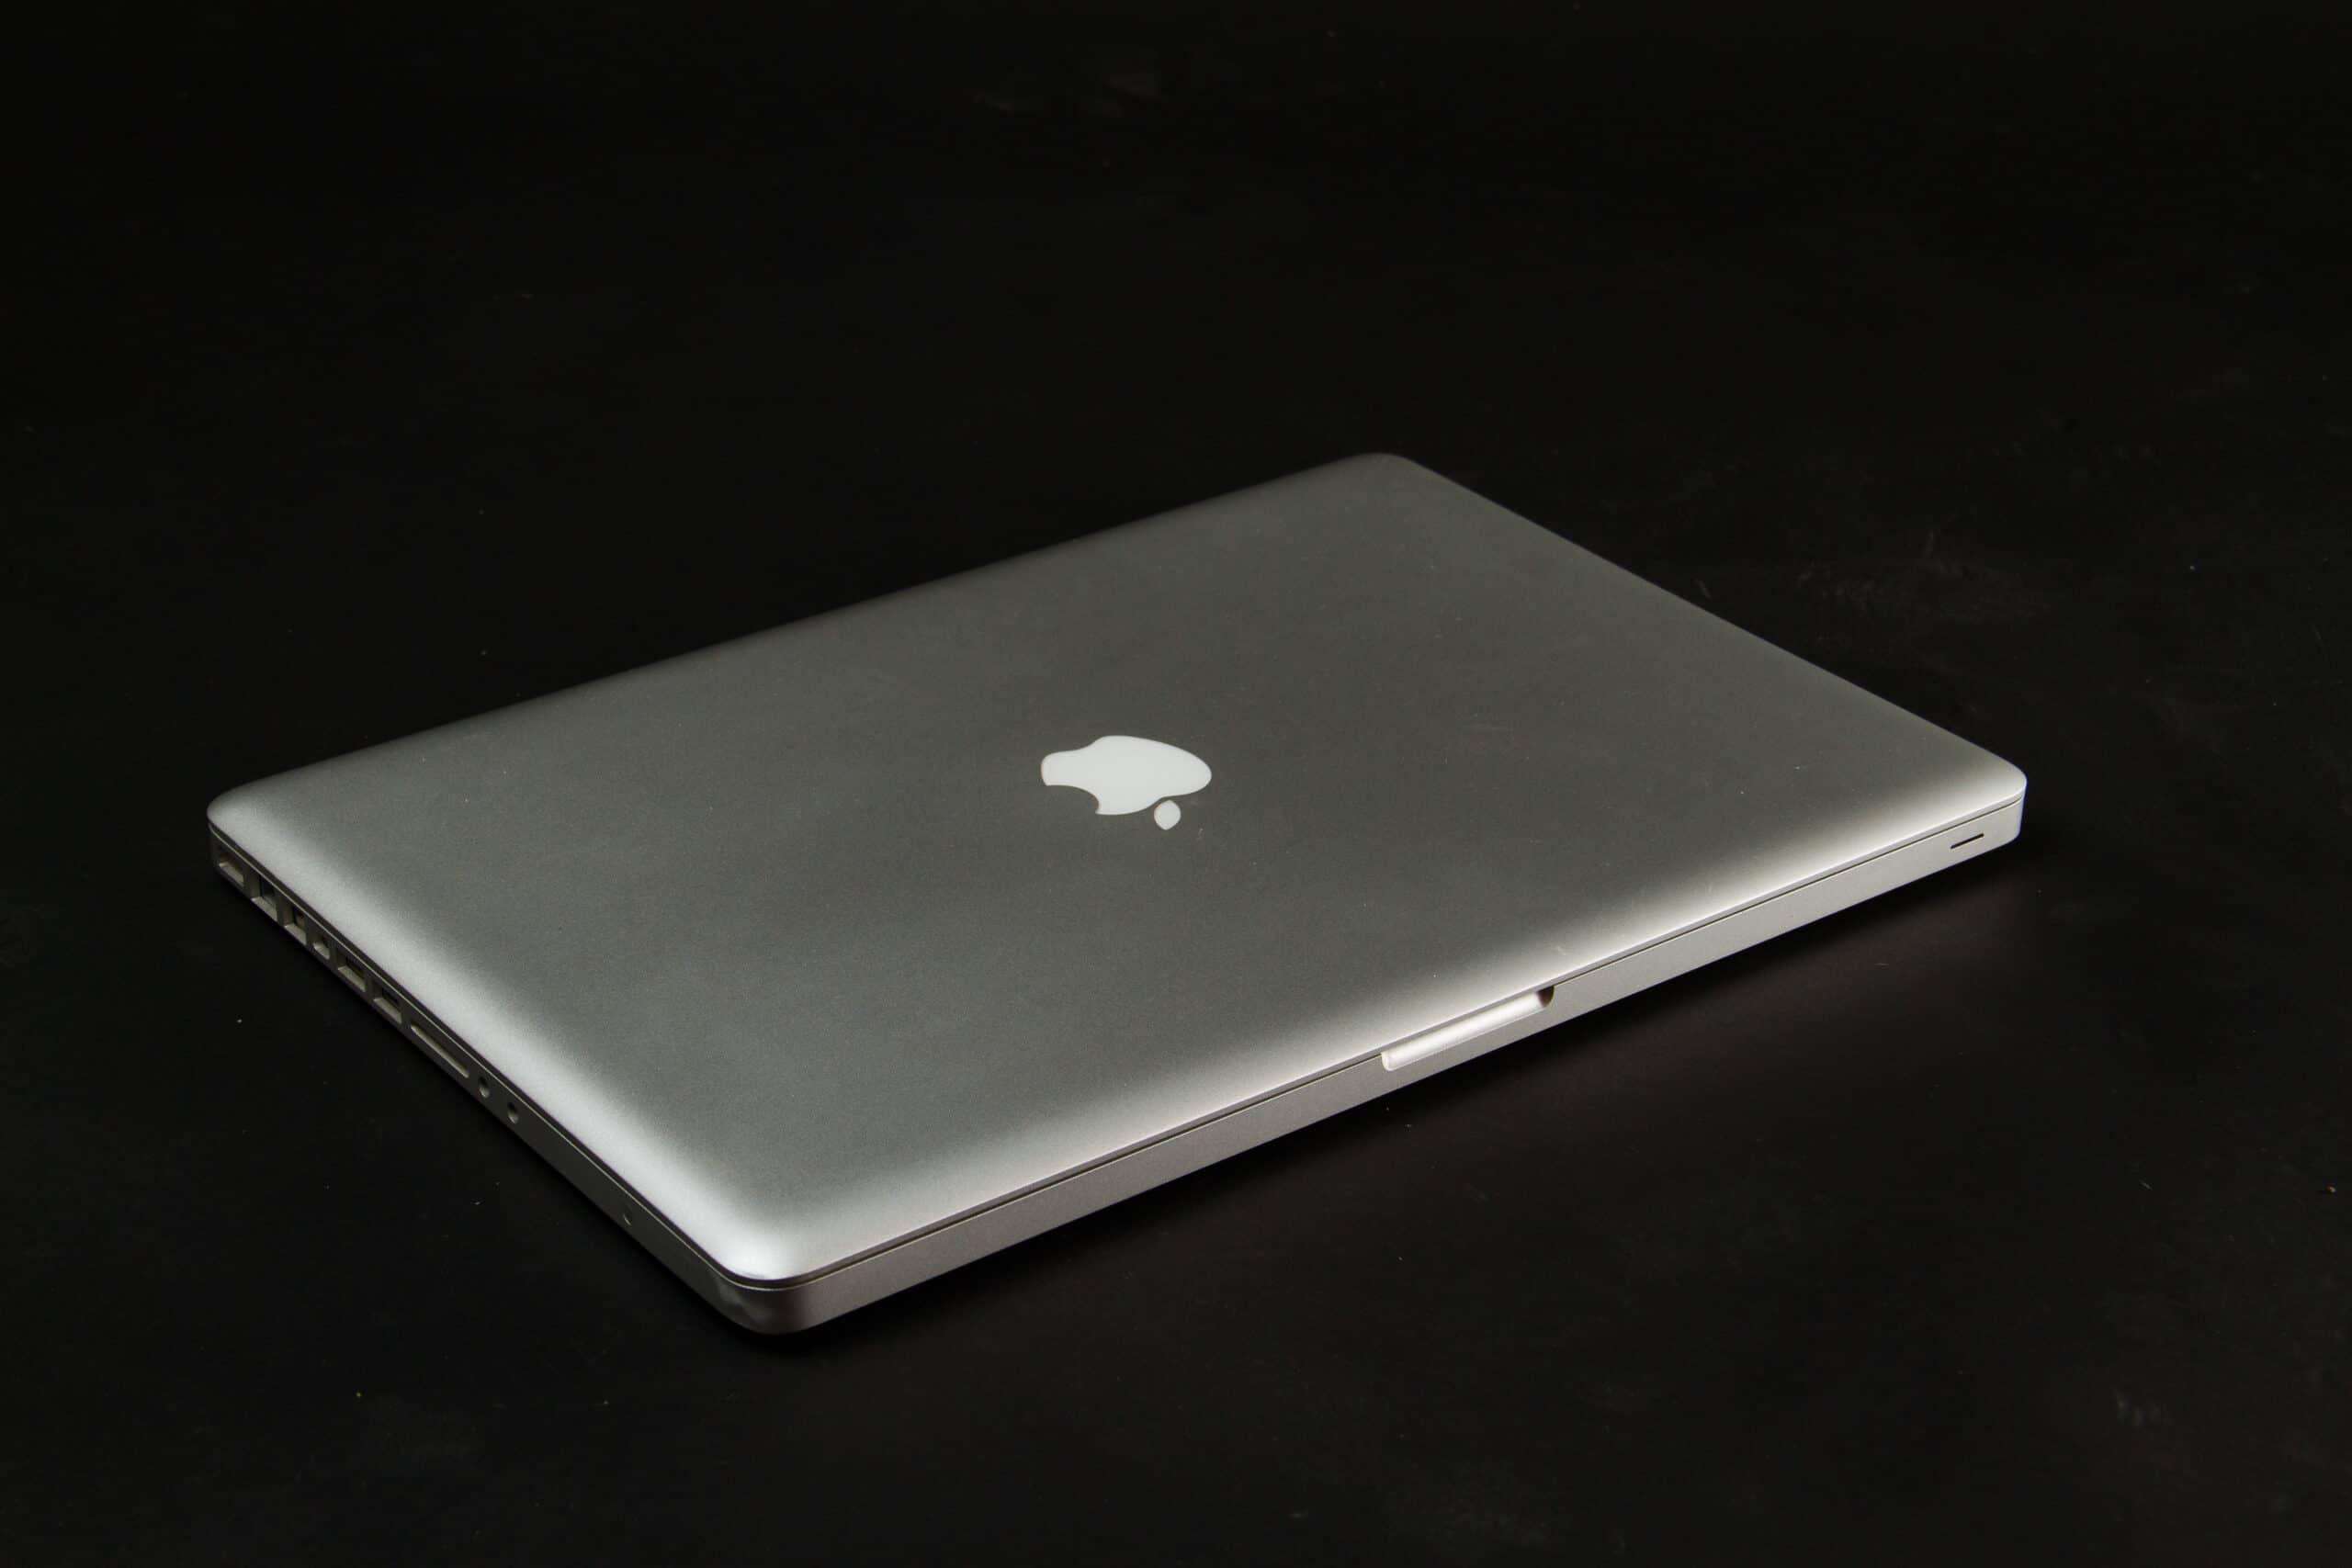 MacBook Pro de 2013 com a tampa fechada sobre fundo preto